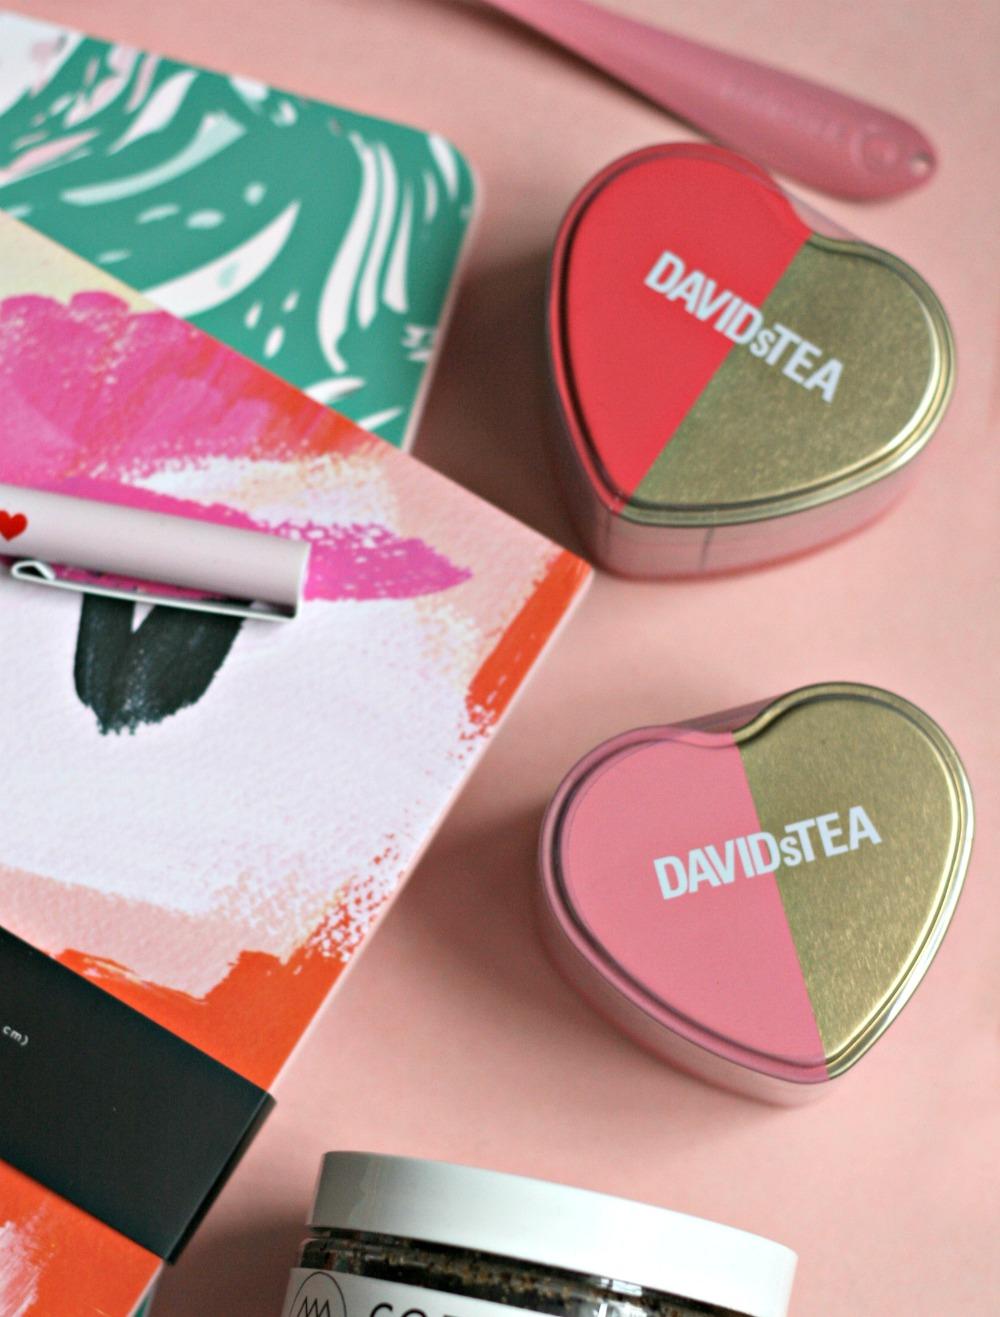 valentines-day-gift-ideas-davidstea